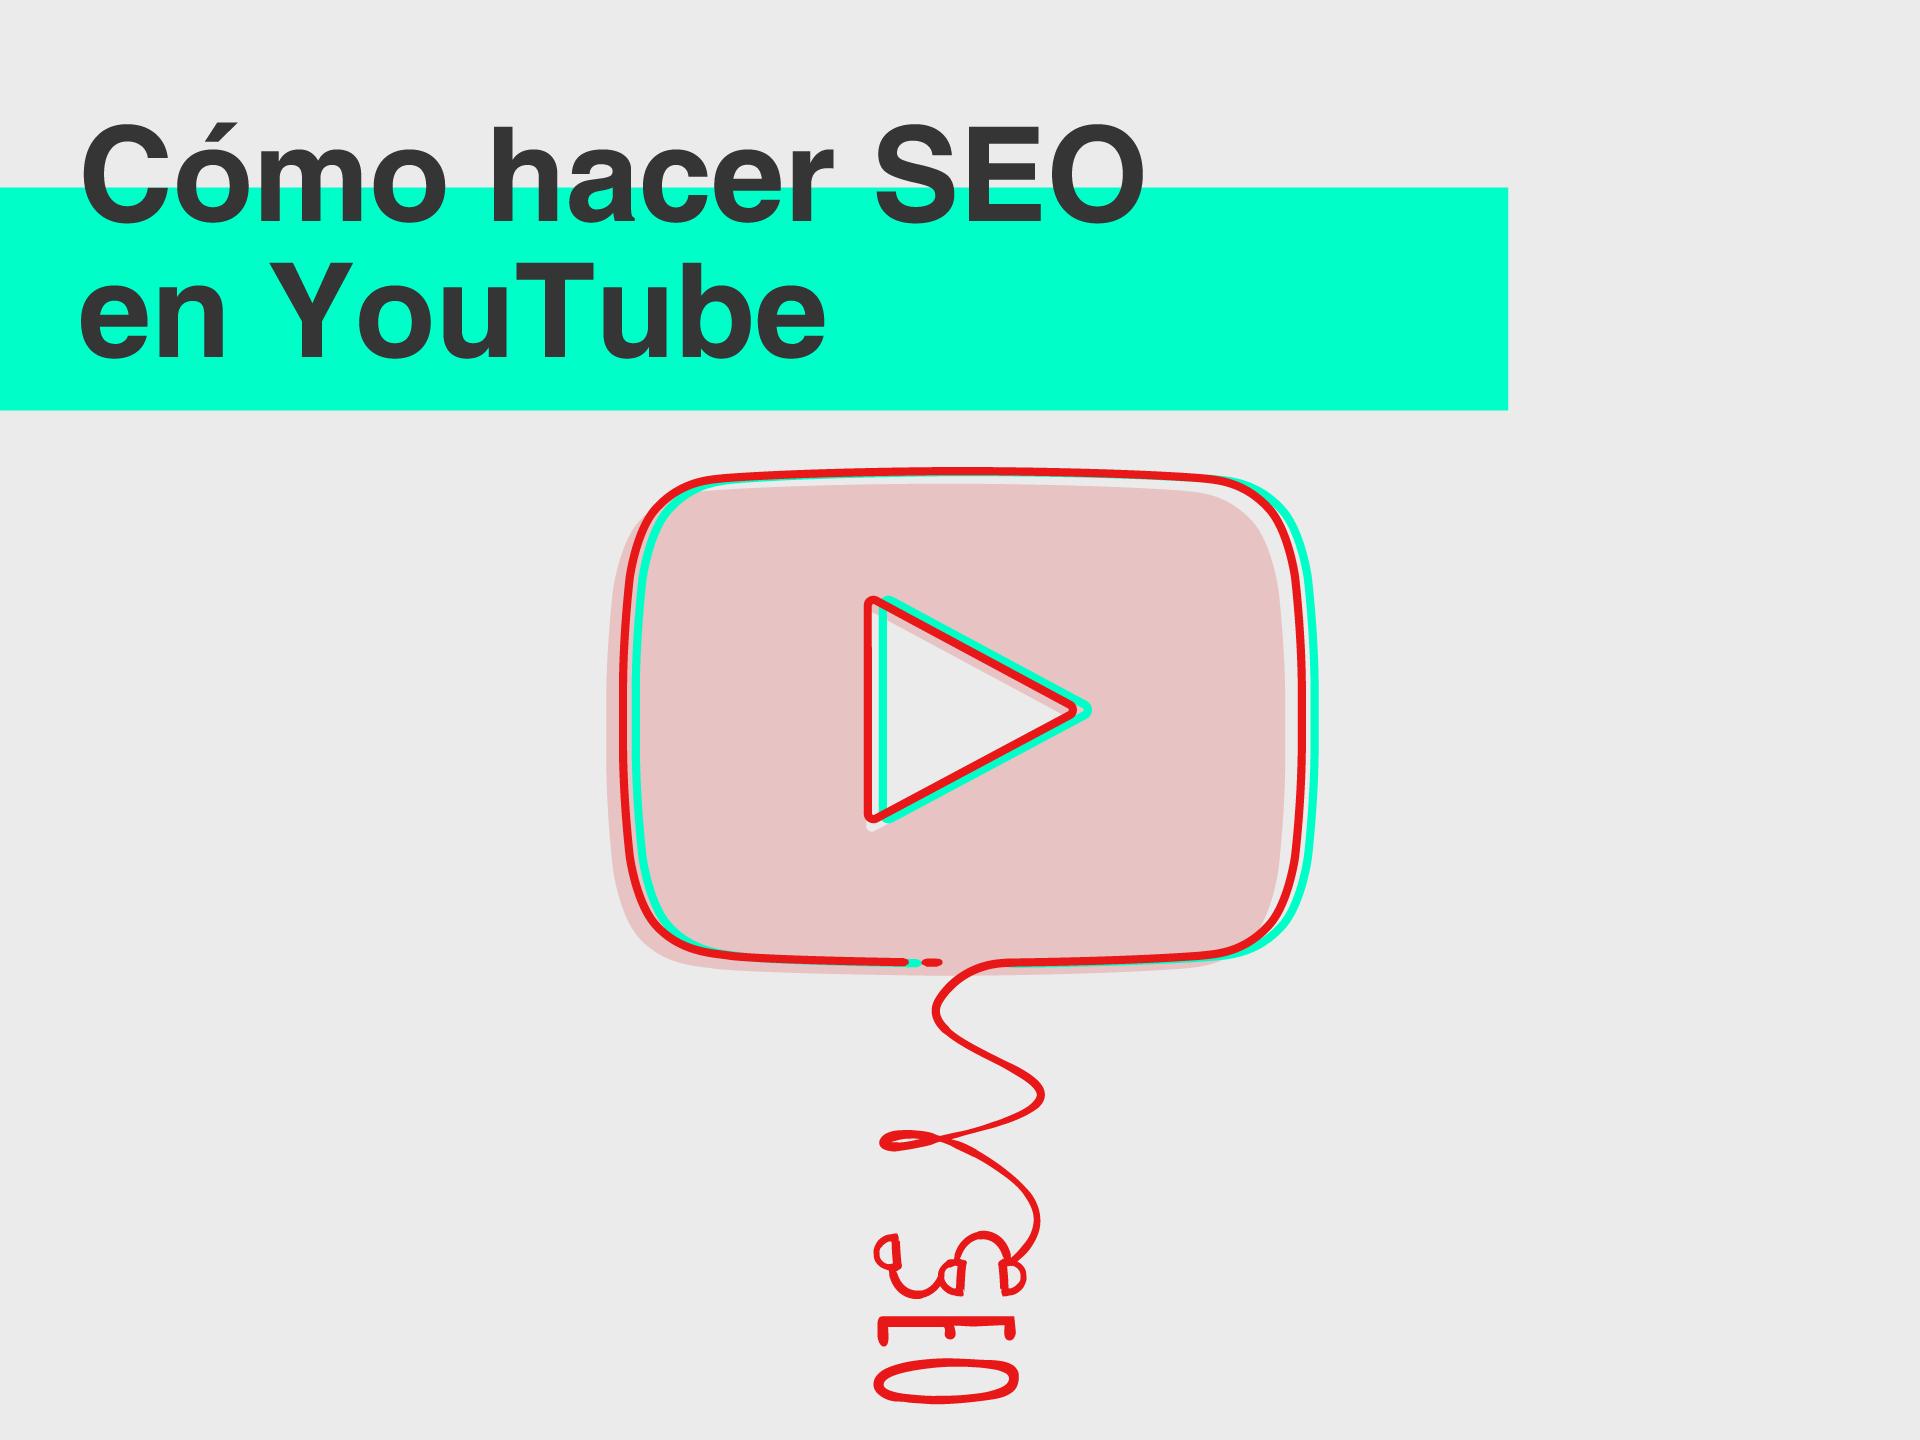 Cómo hacer SEO en YouTube - Parnaso